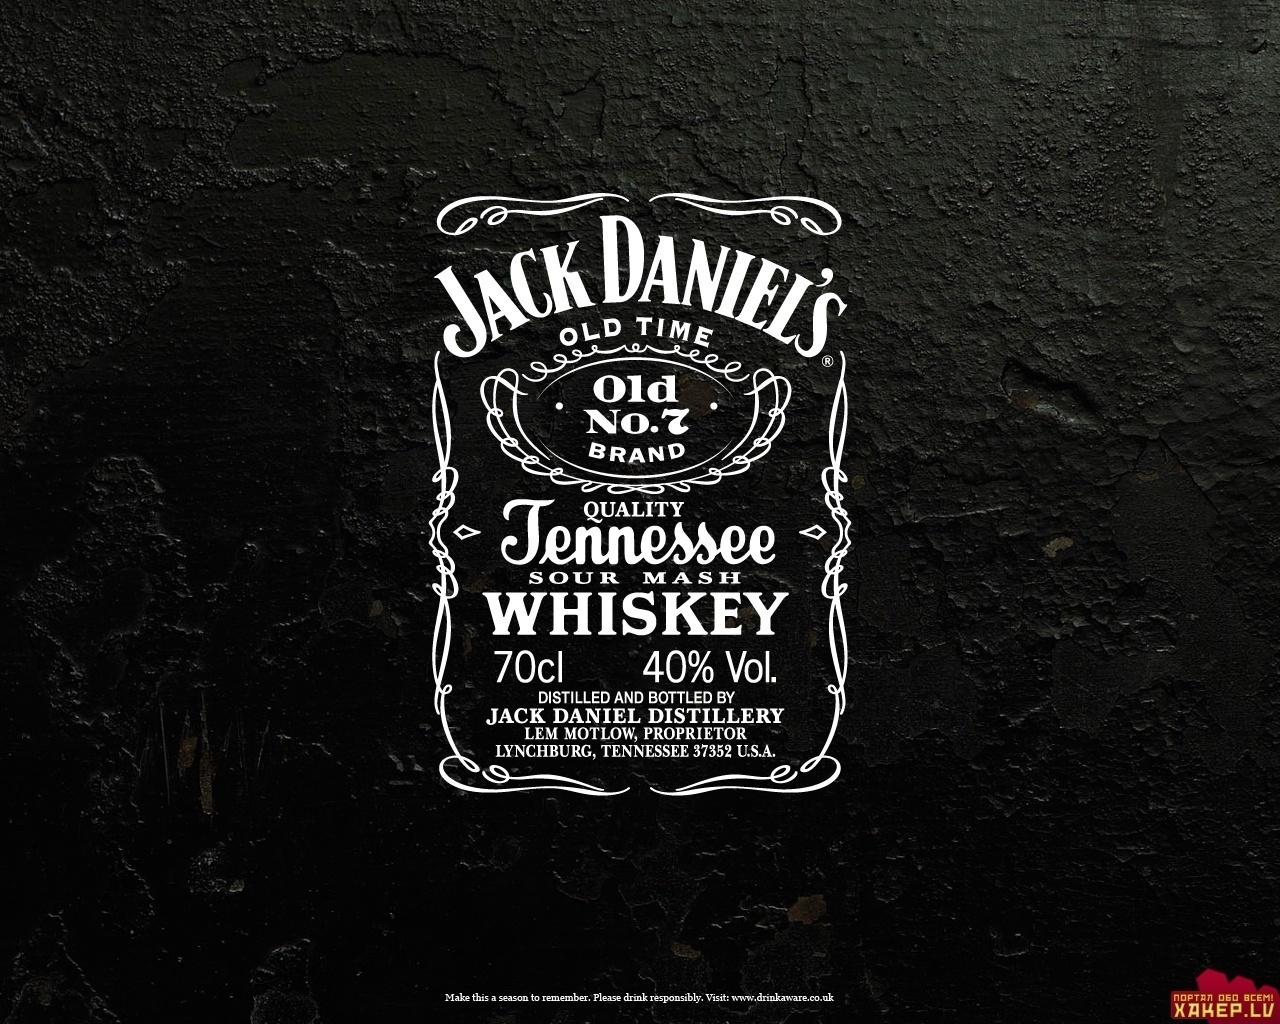 15170 Заставки и Обои Бренды на телефон. Скачать Бренды, Jack Daniels, Напитки, Логотипы картинки бесплатно